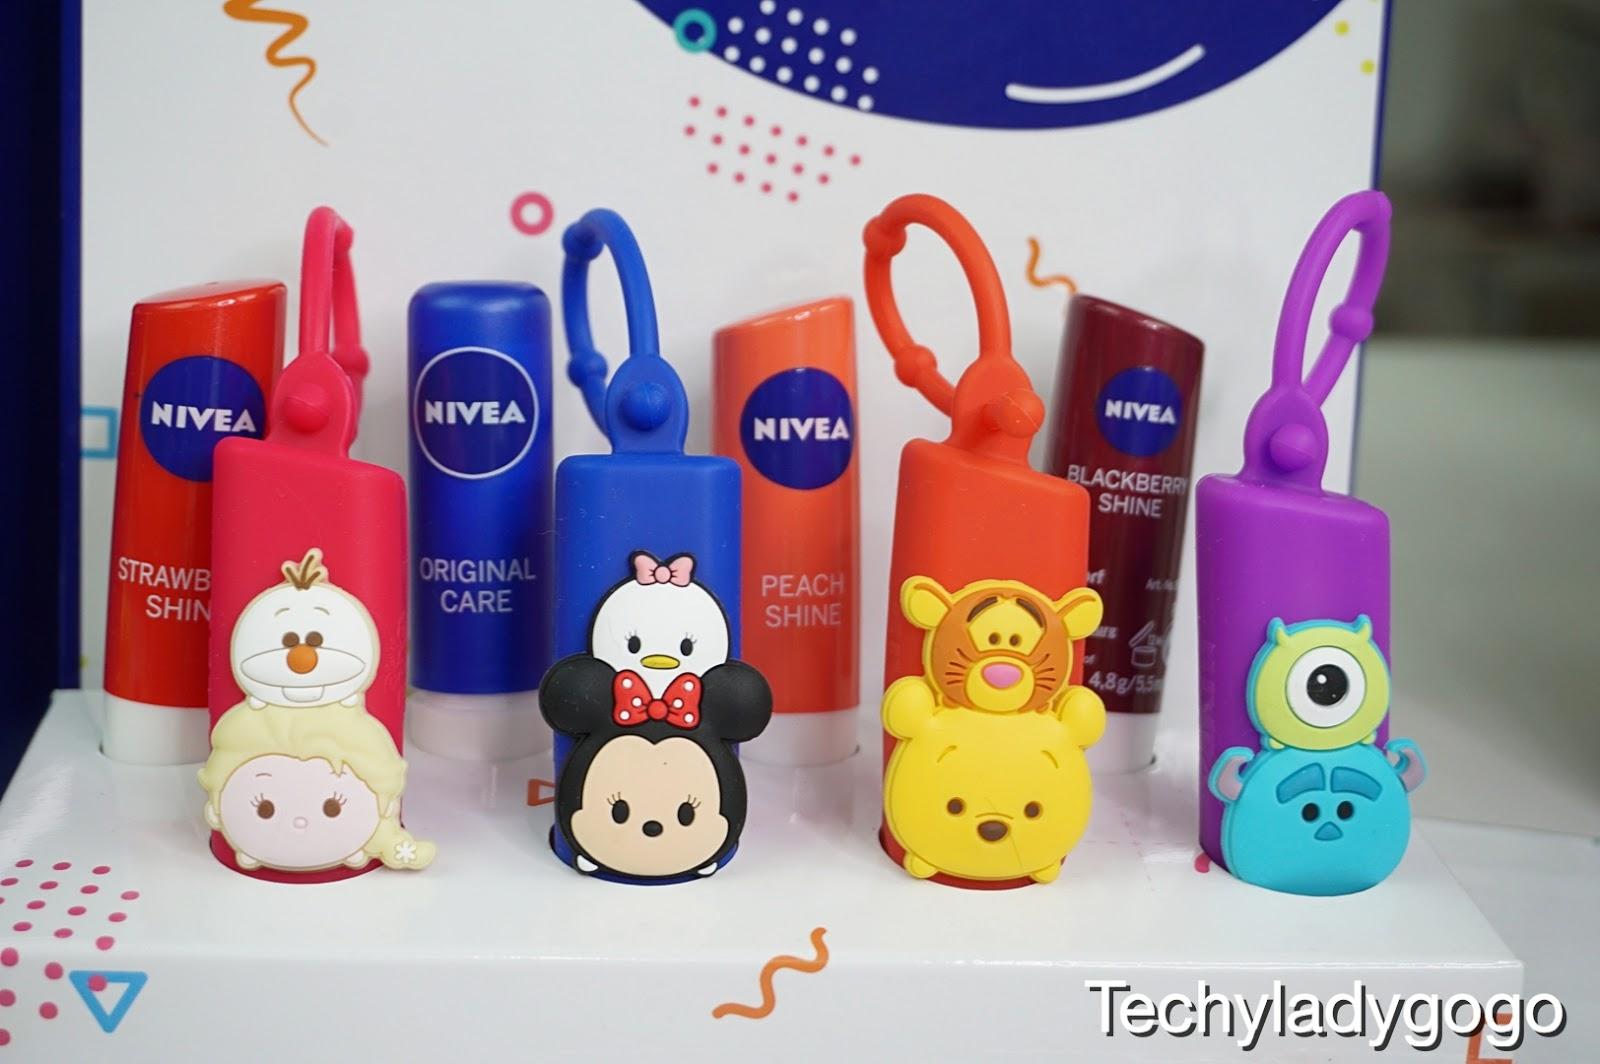 สาวก Disney Tsum Tsum ต้องกรี๊ดกับ NIVEA Tsum Tsum Lip Holder  ลิมิเต็ด อิดิชั่น ปลอกใส่ลิปสุดคิ้วท์จากนีเวีย